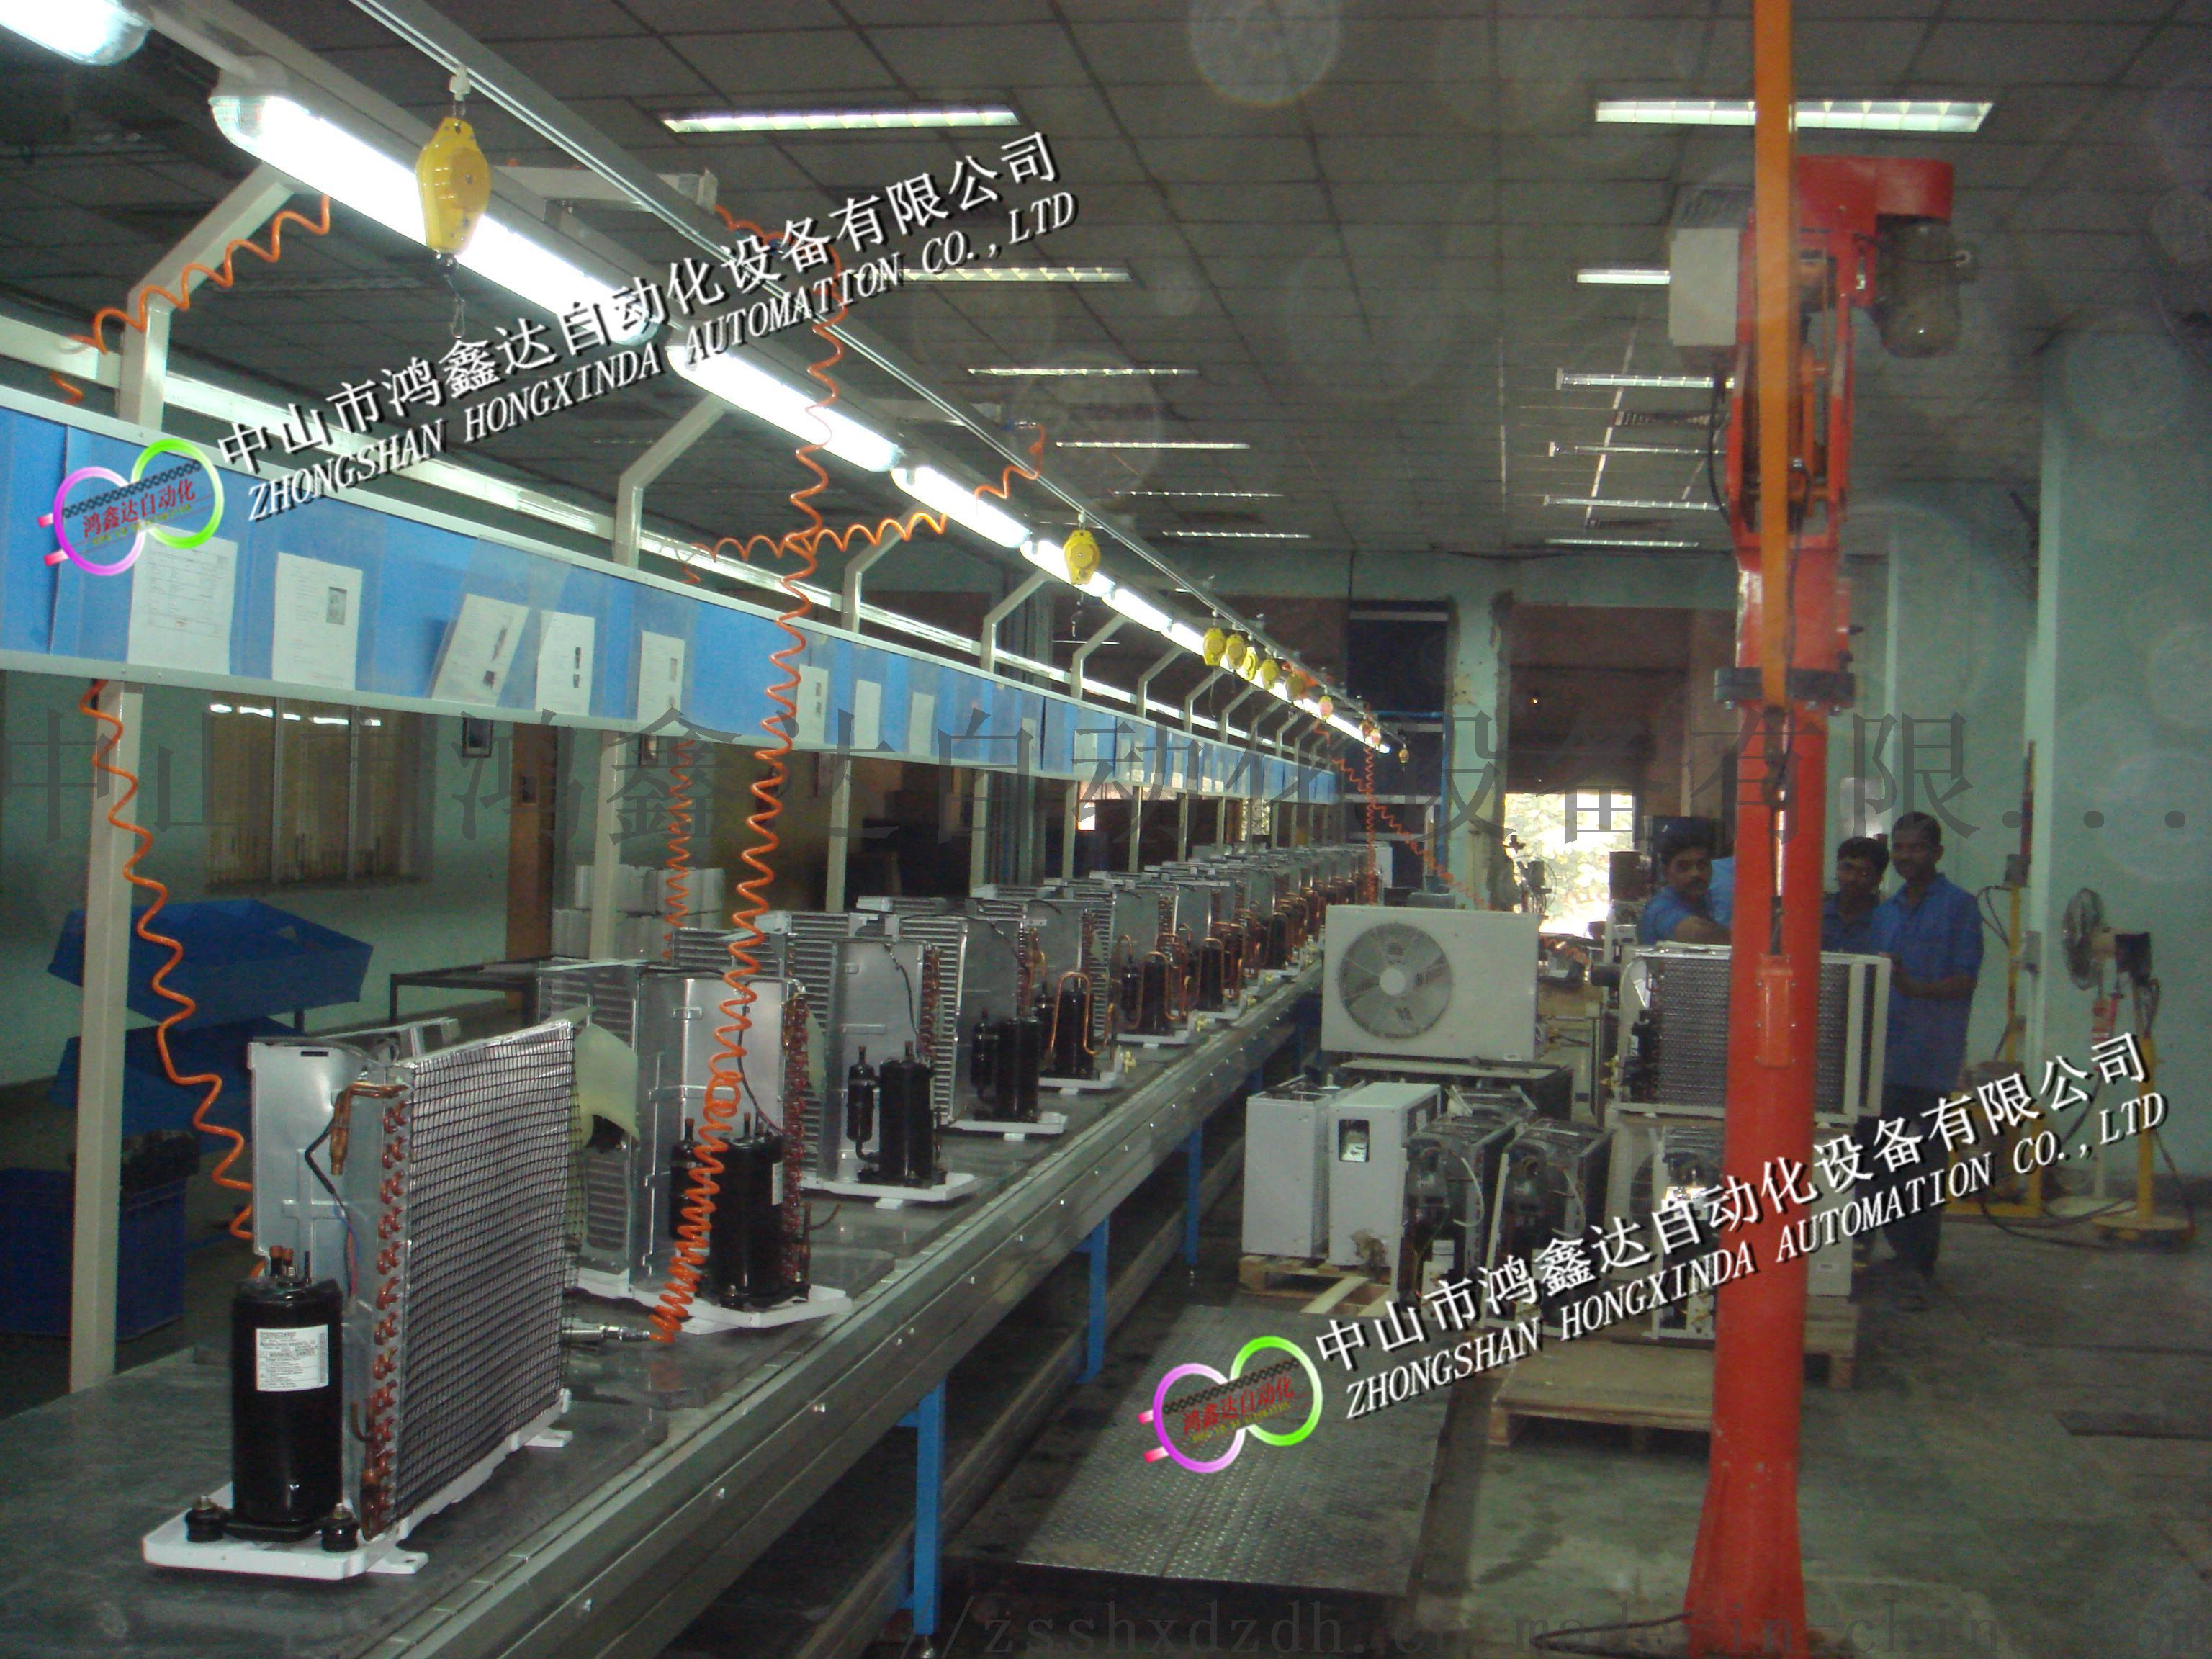 广东空调装配线,空调生产线,江西空调抽真空流水线106461445